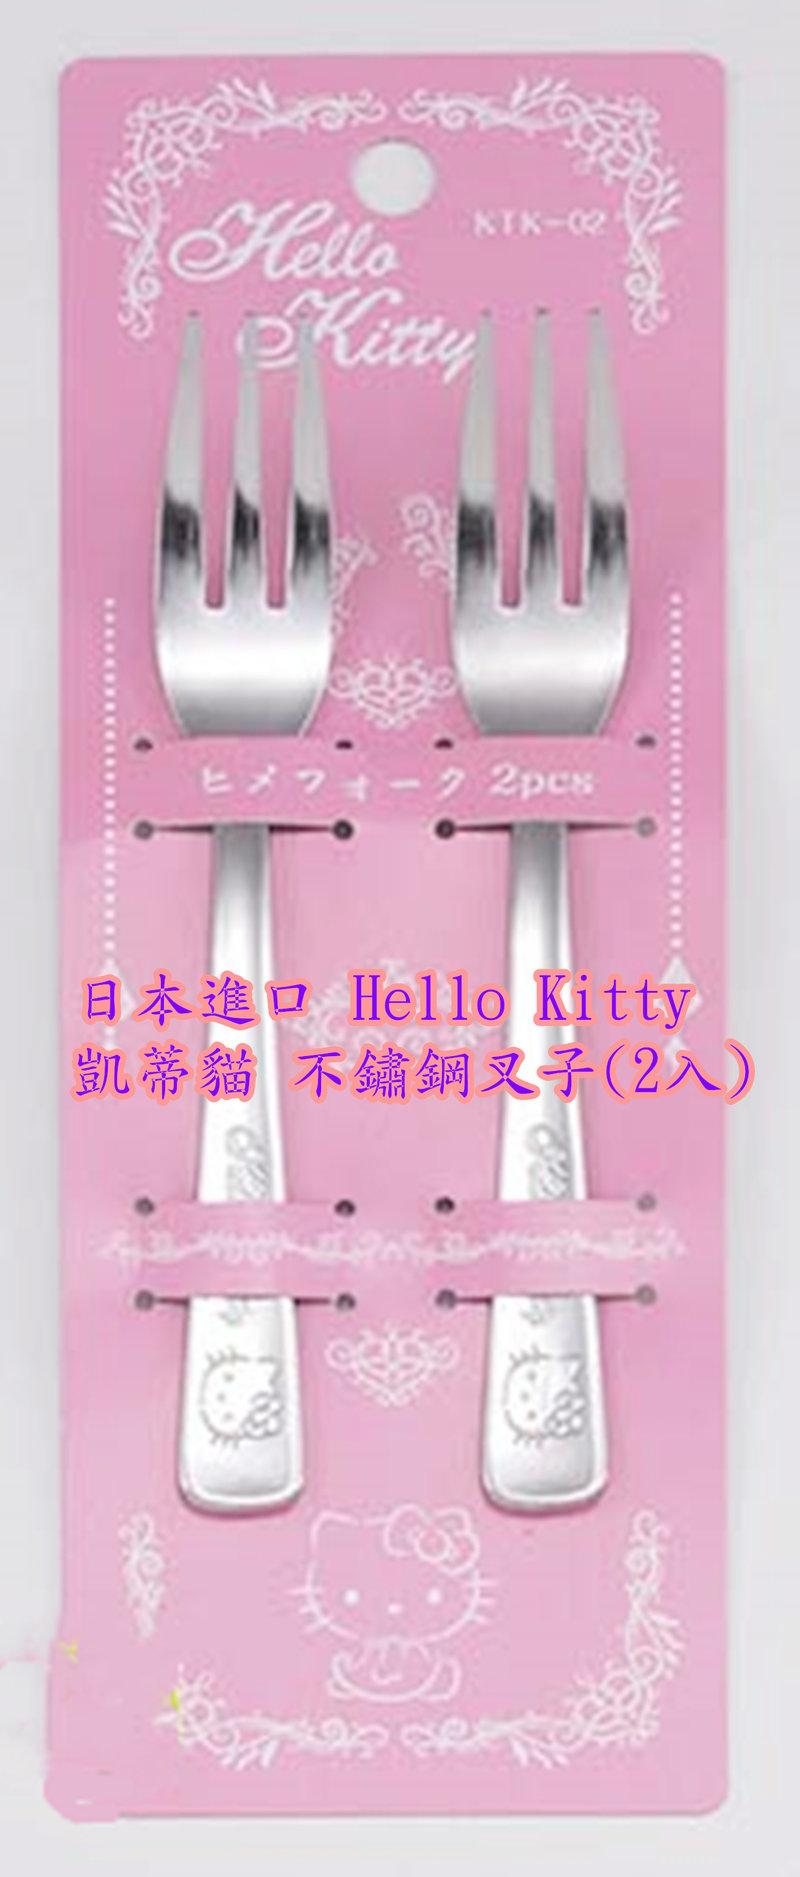 日本進口 經典KT不銹鋼叉子組-粉紅色